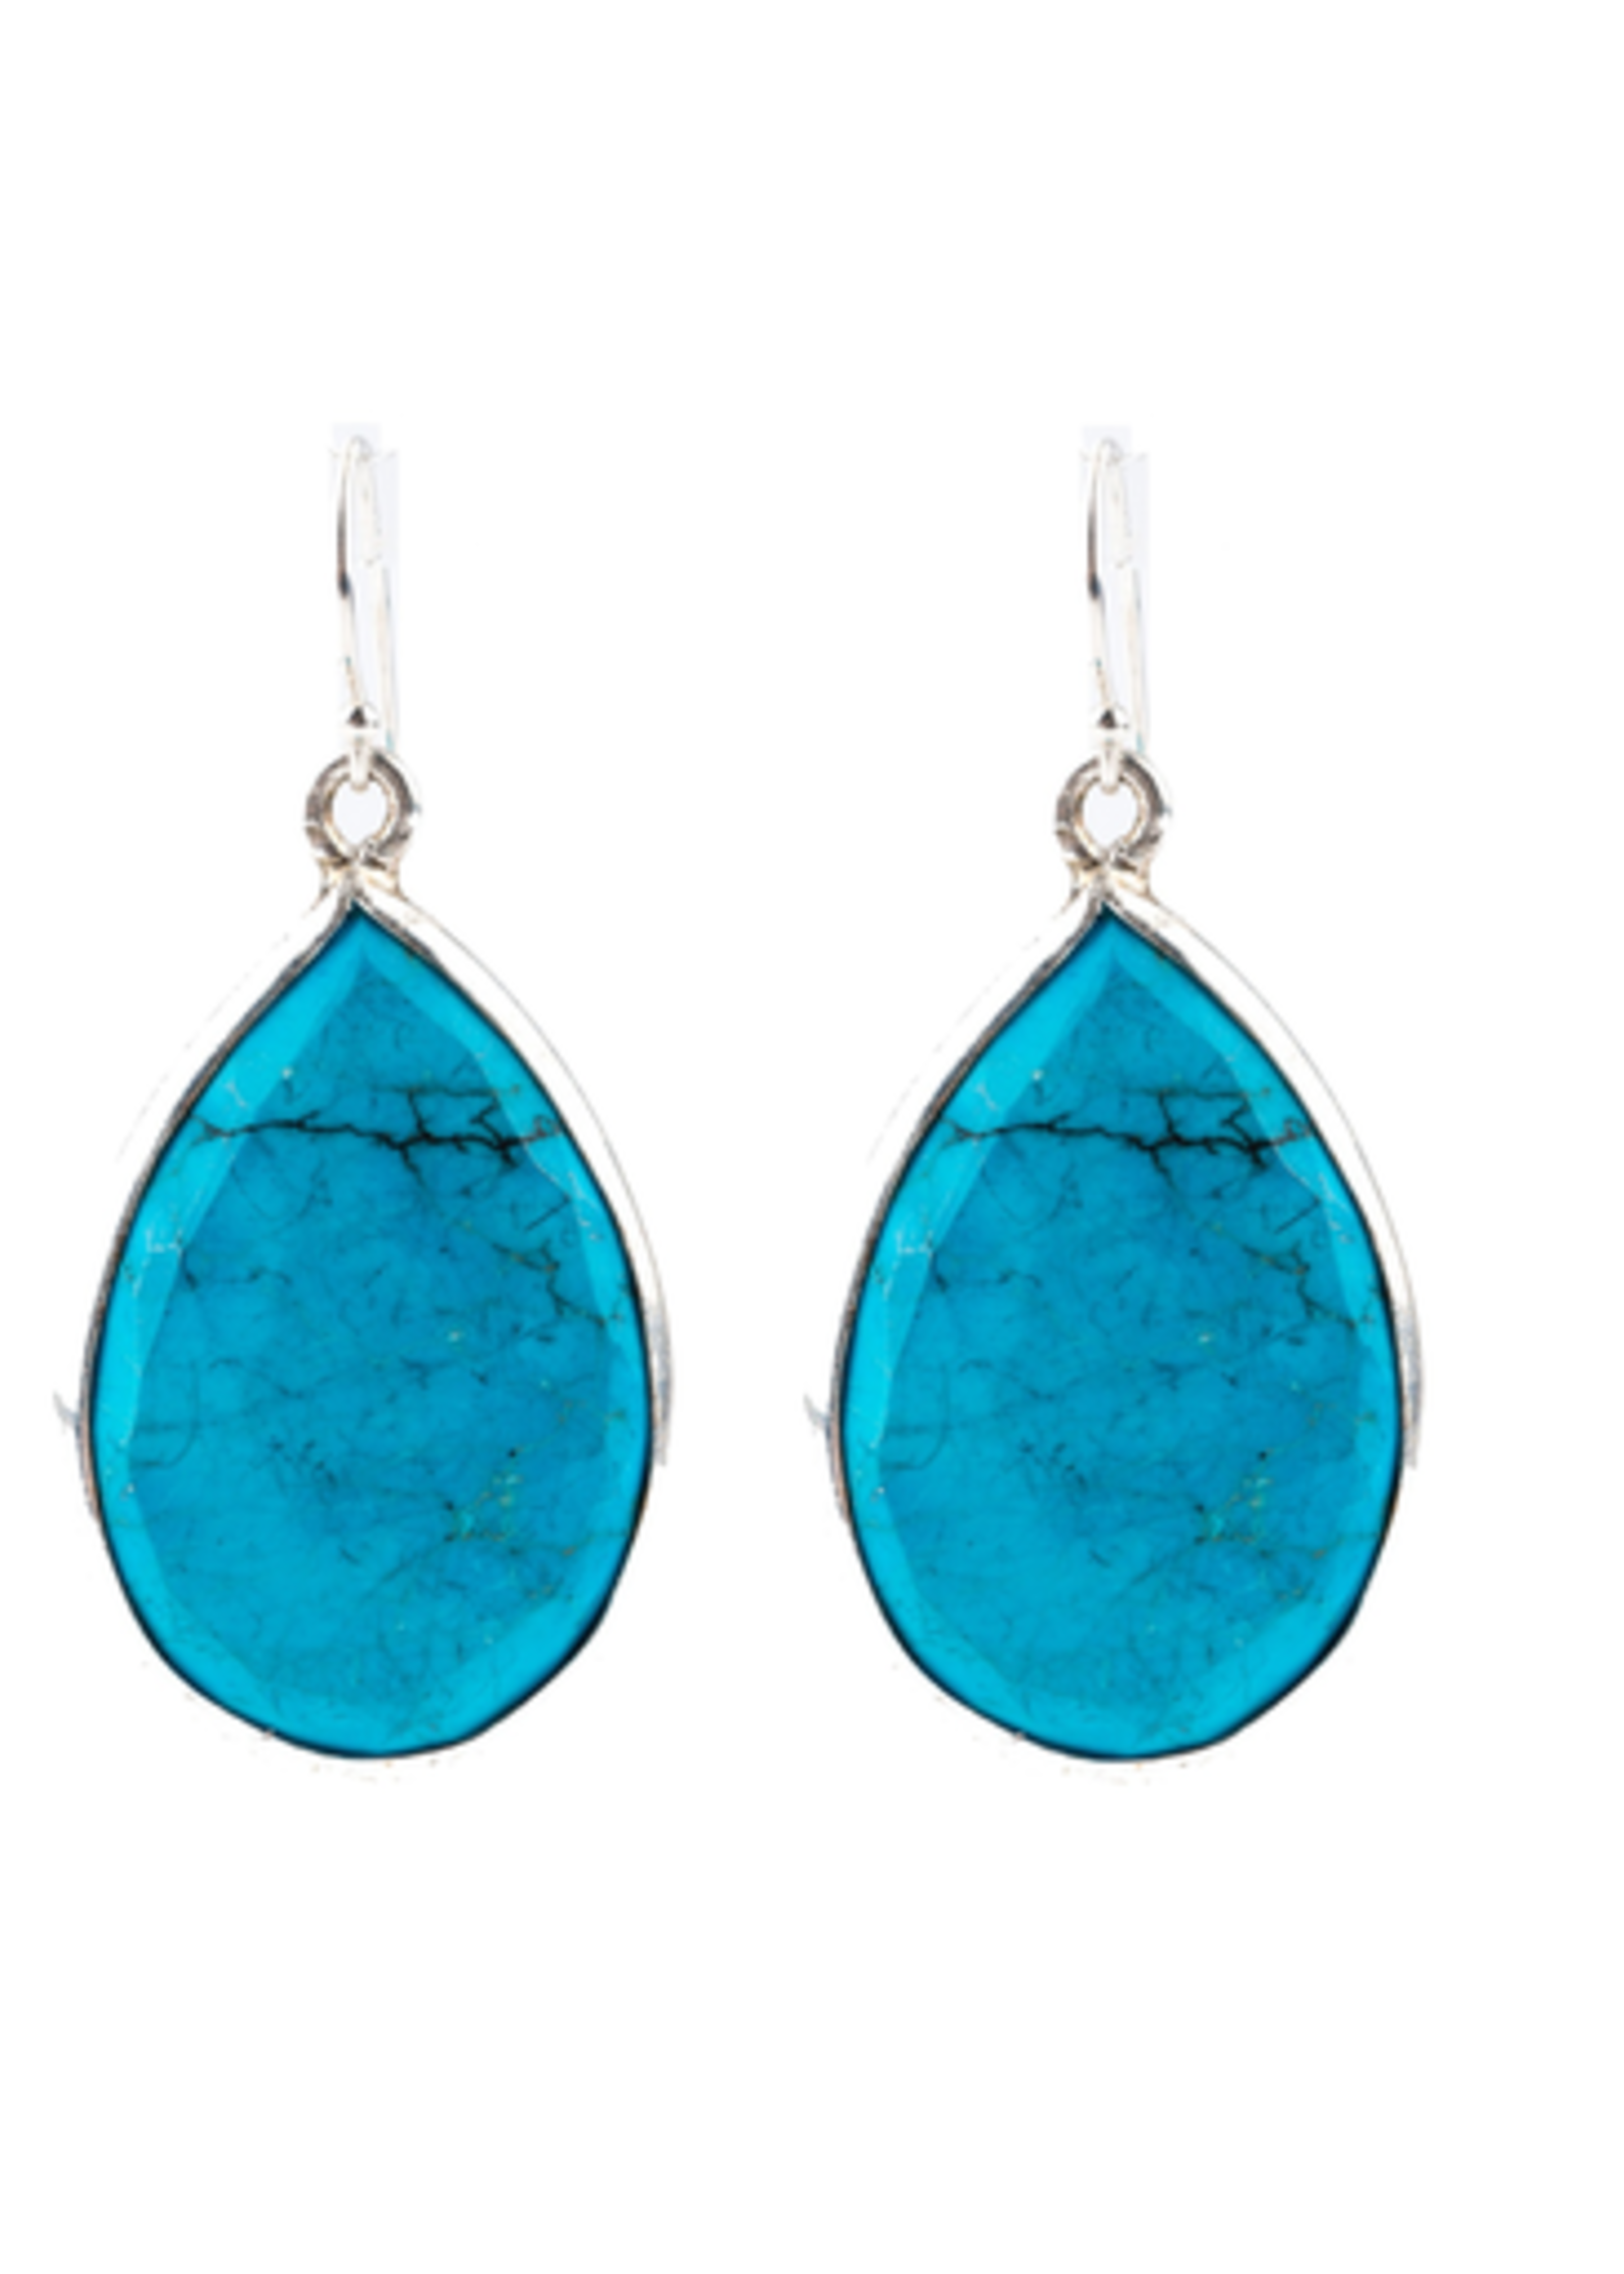 Mina Danielle Turquoise Teardrop earrings